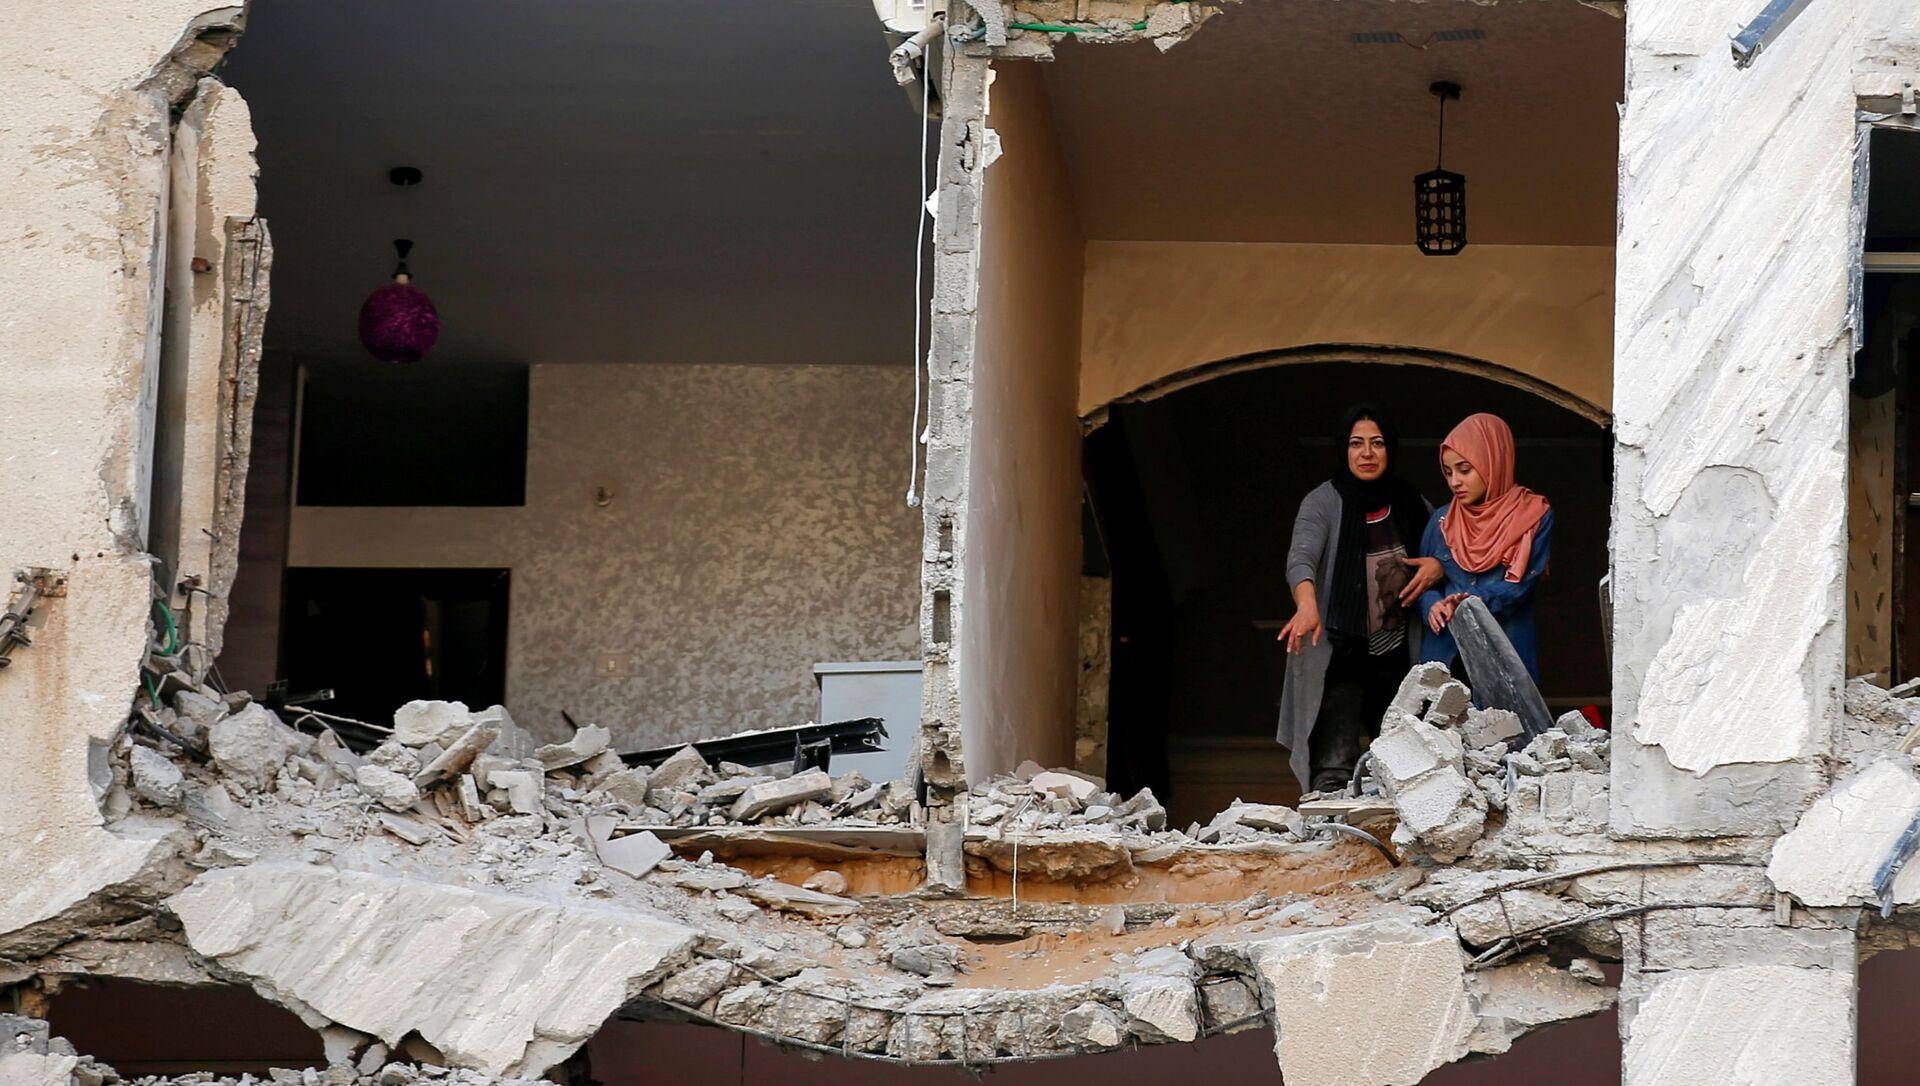 Палестинцы осматривают свой дома, который был поврежден в результате израильского авиаудара, на фоне вспышки израильско-палестинского конфликта, в городе Газа - Sputnik Italia, 1920, 12.05.2021